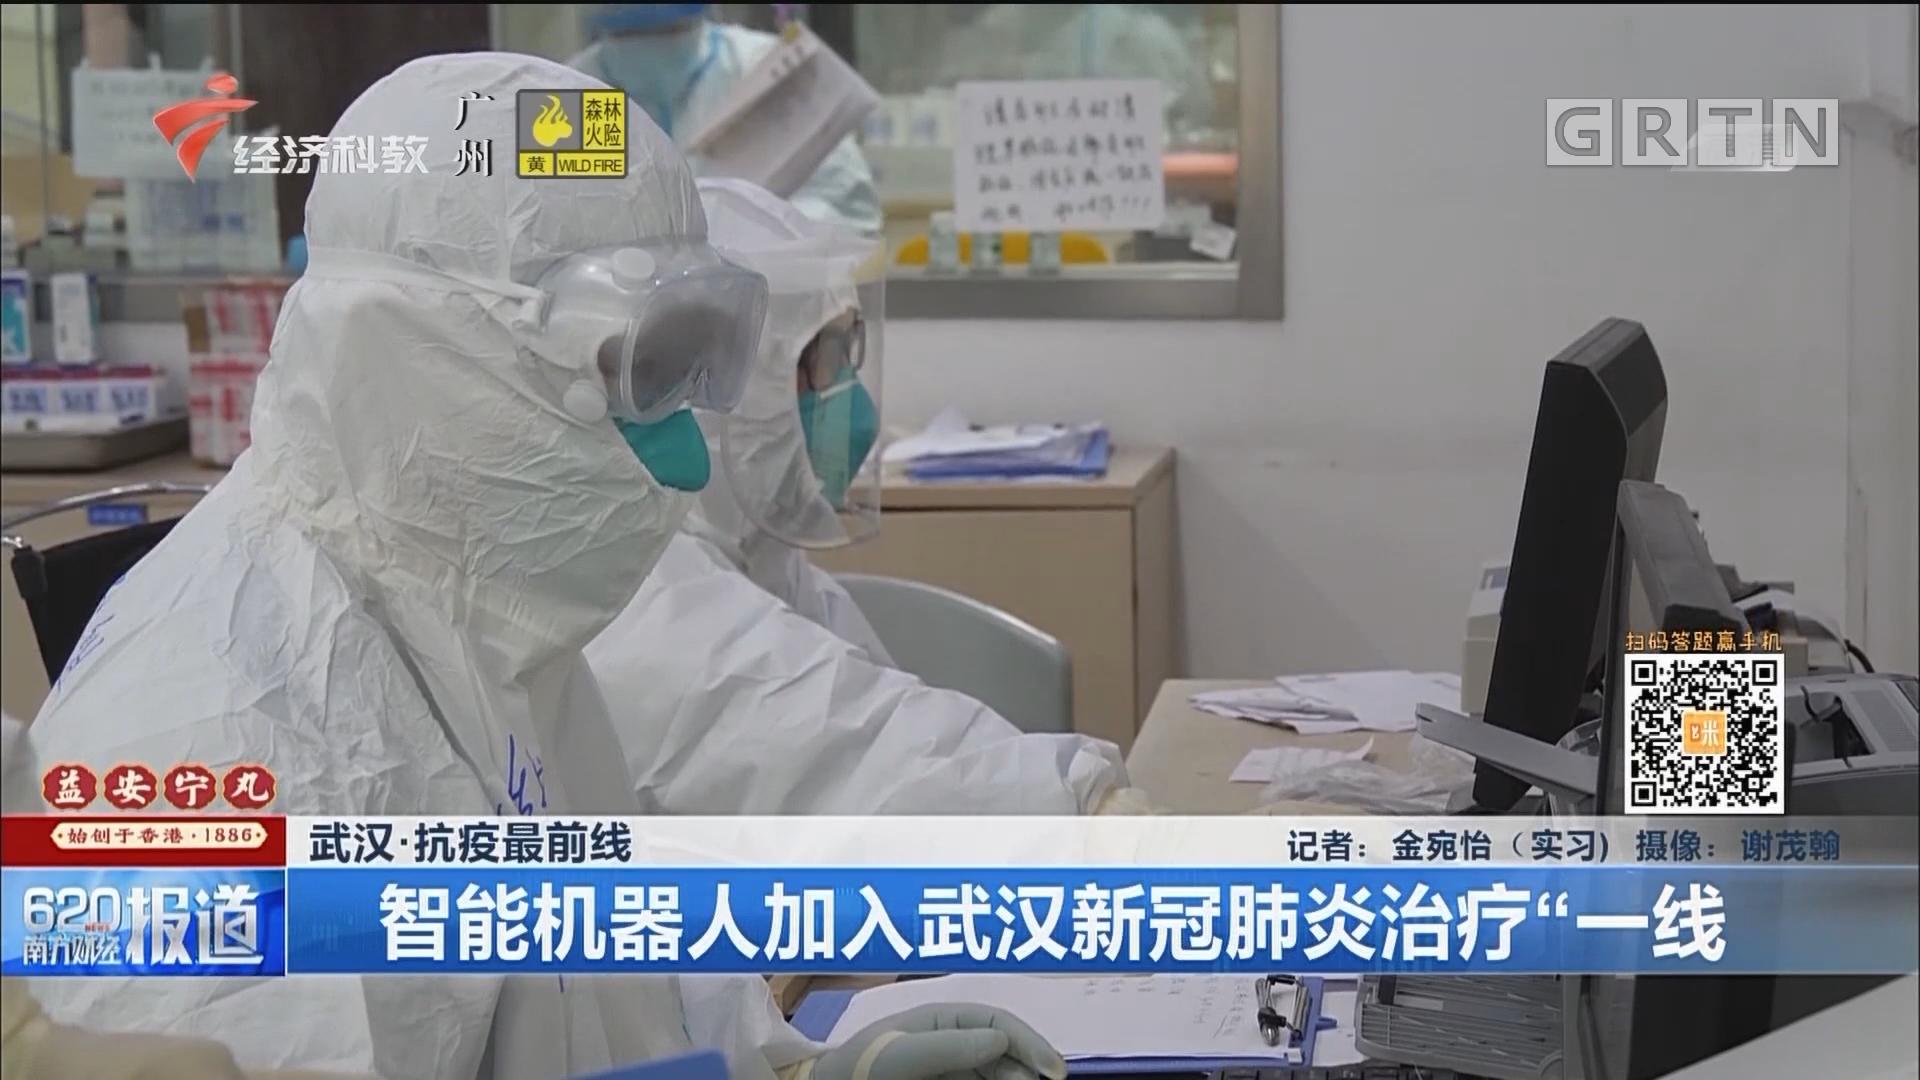 """武汉·抗疫最前线:智能机器人加入武汉新冠肺炎治疗""""一线"""""""